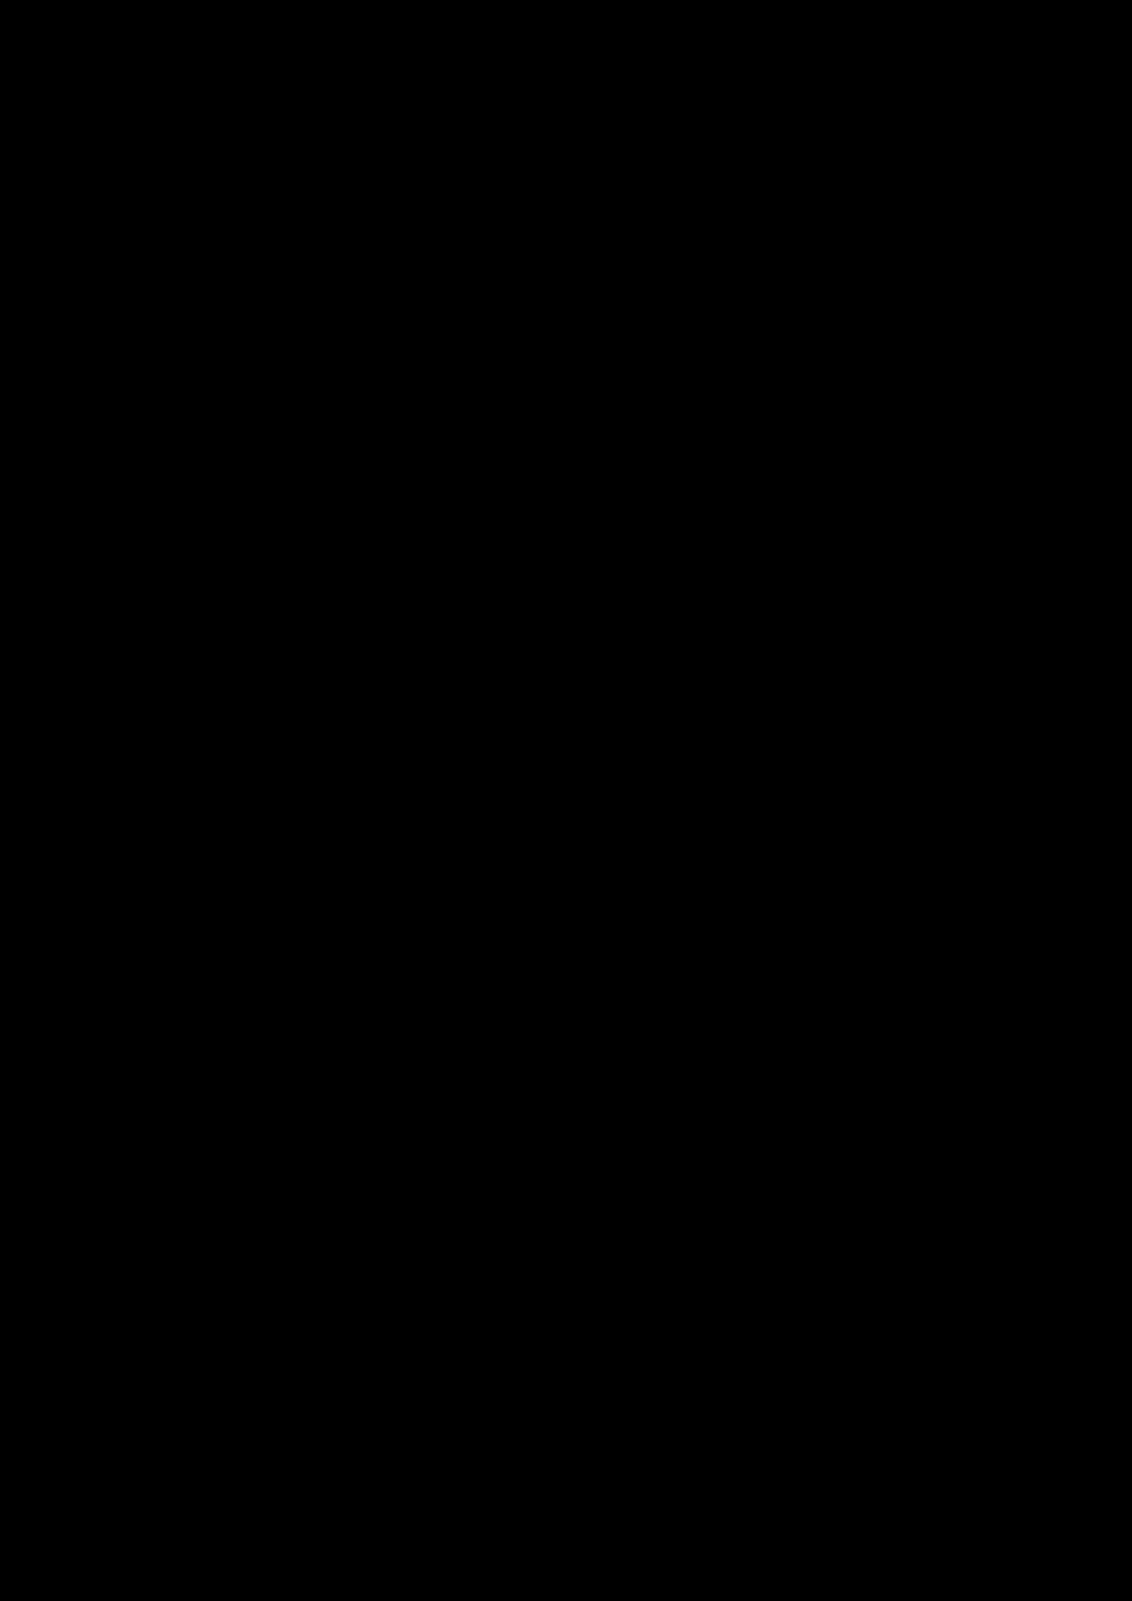 Serdtse slide, Image 21